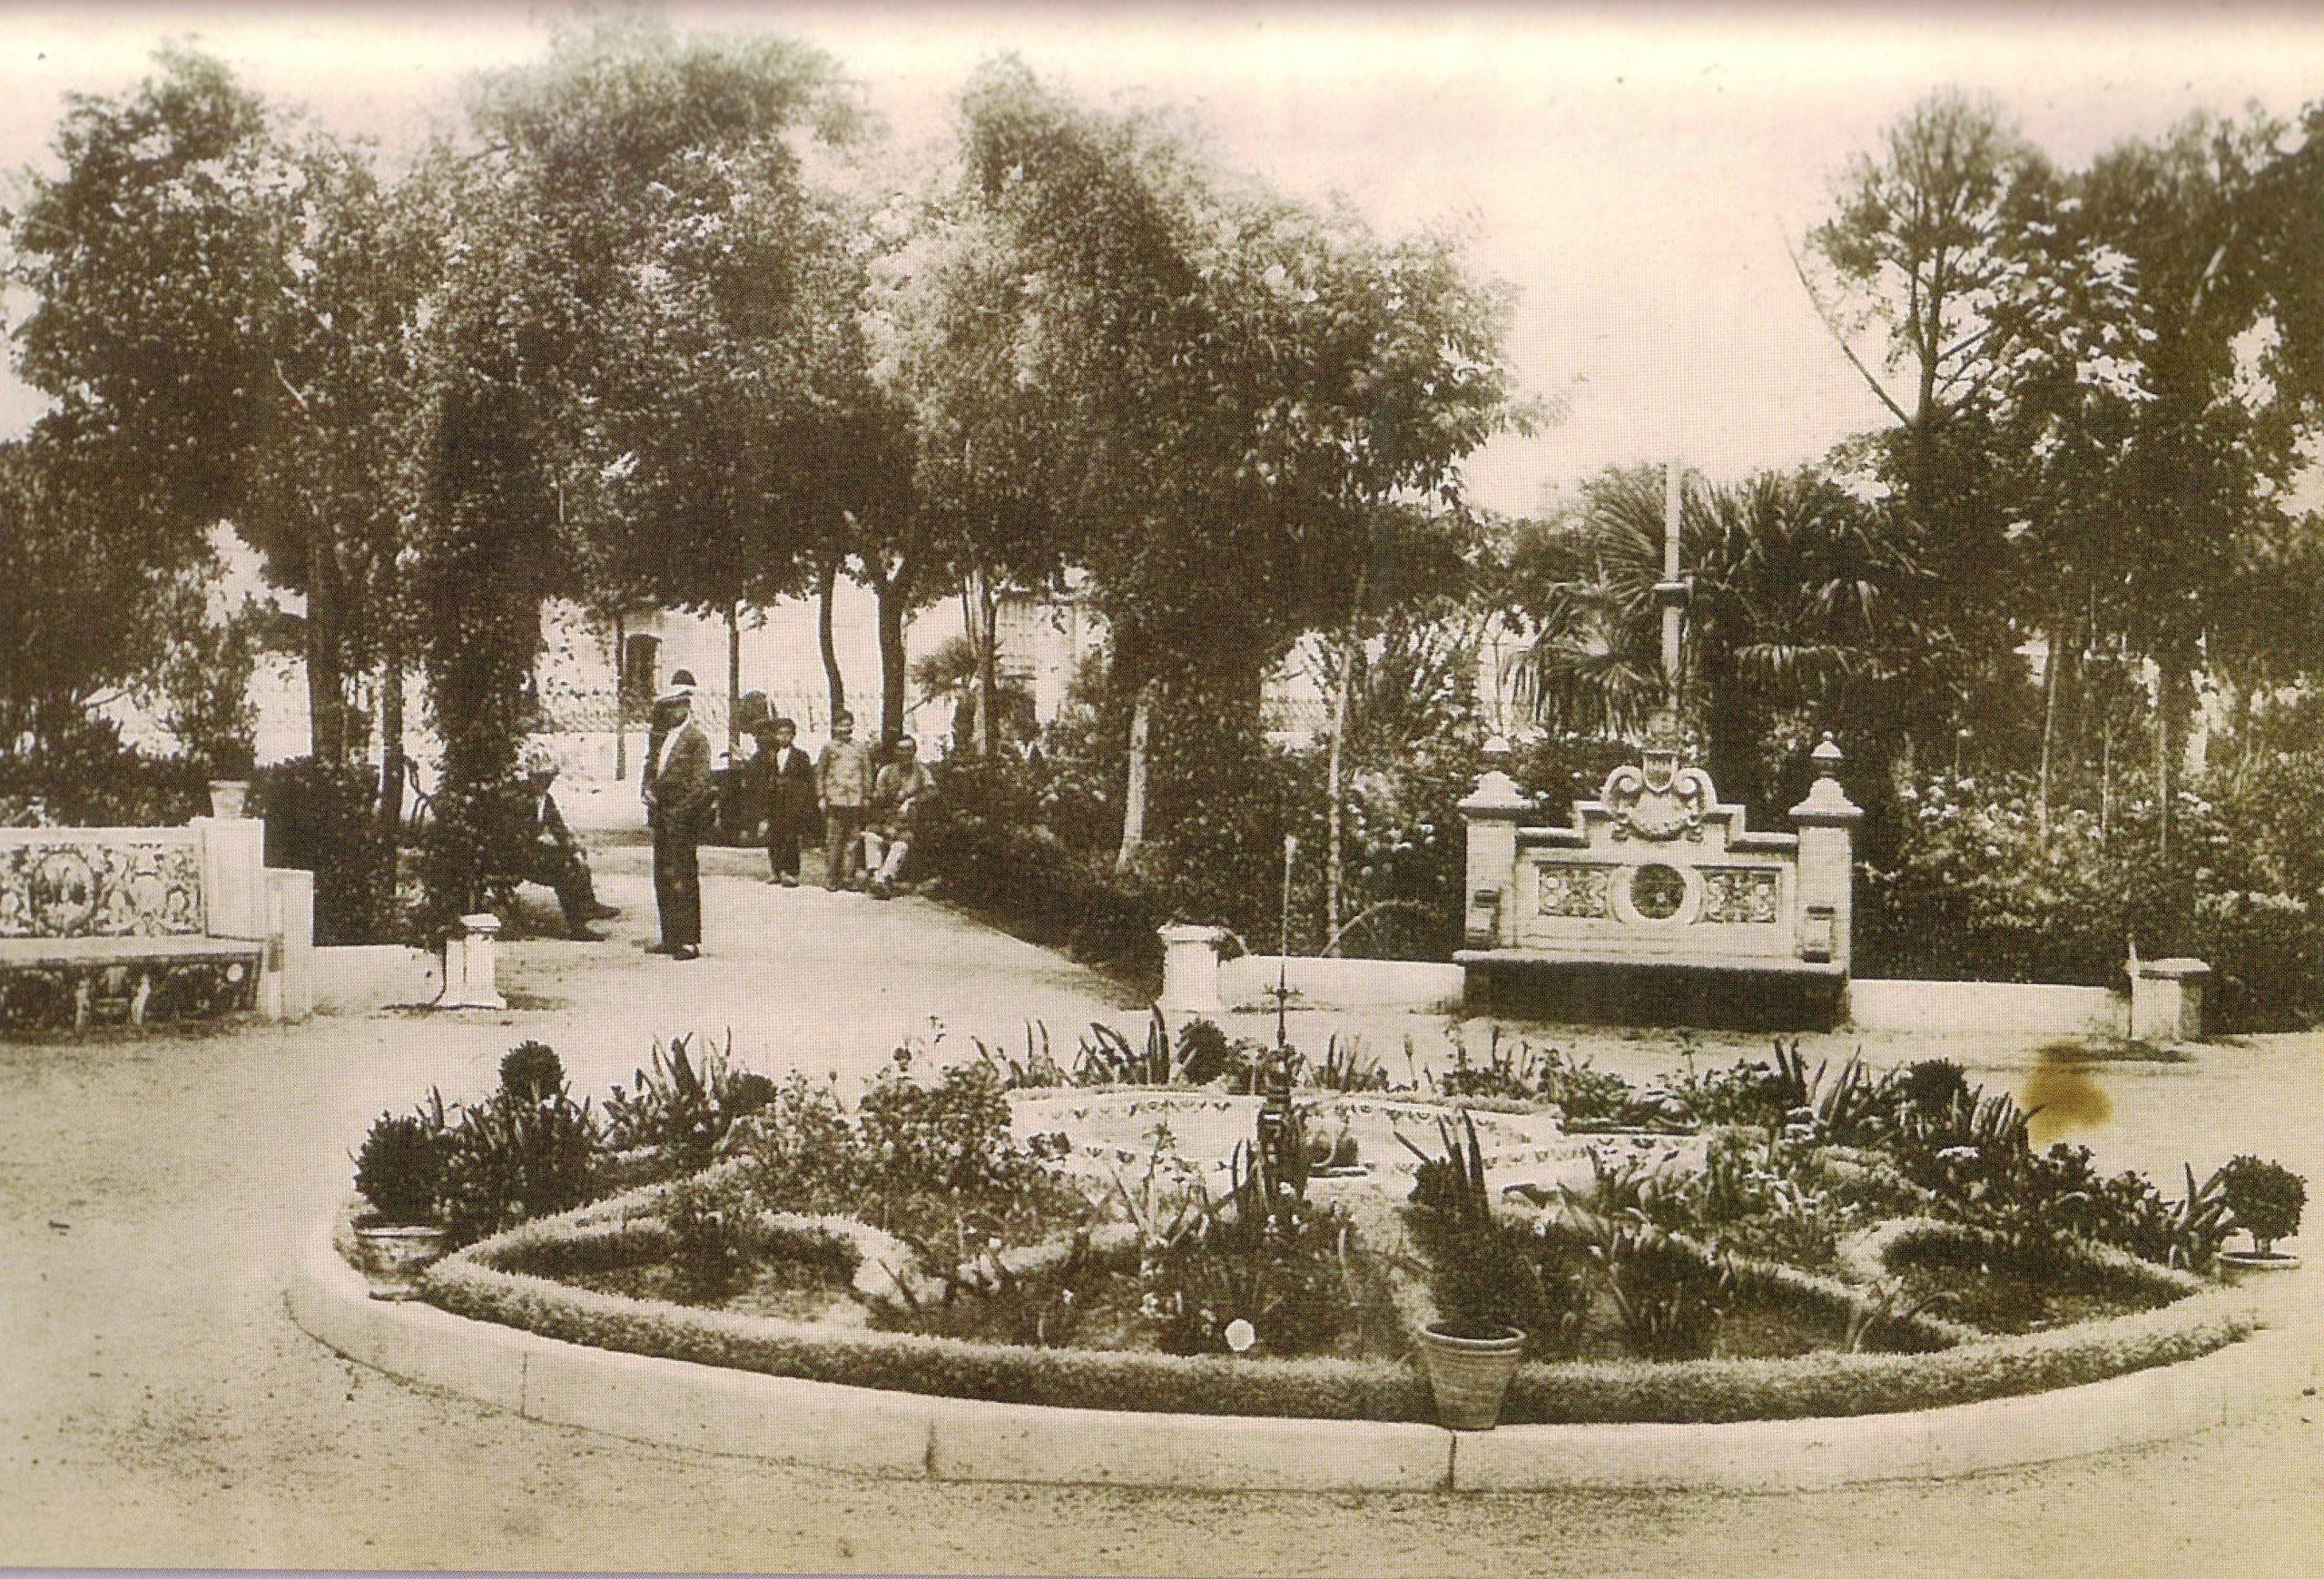 Glorieta de D. Emilio Porras Delgado o Fuente de los Leones. 1930. Fotografía Oña